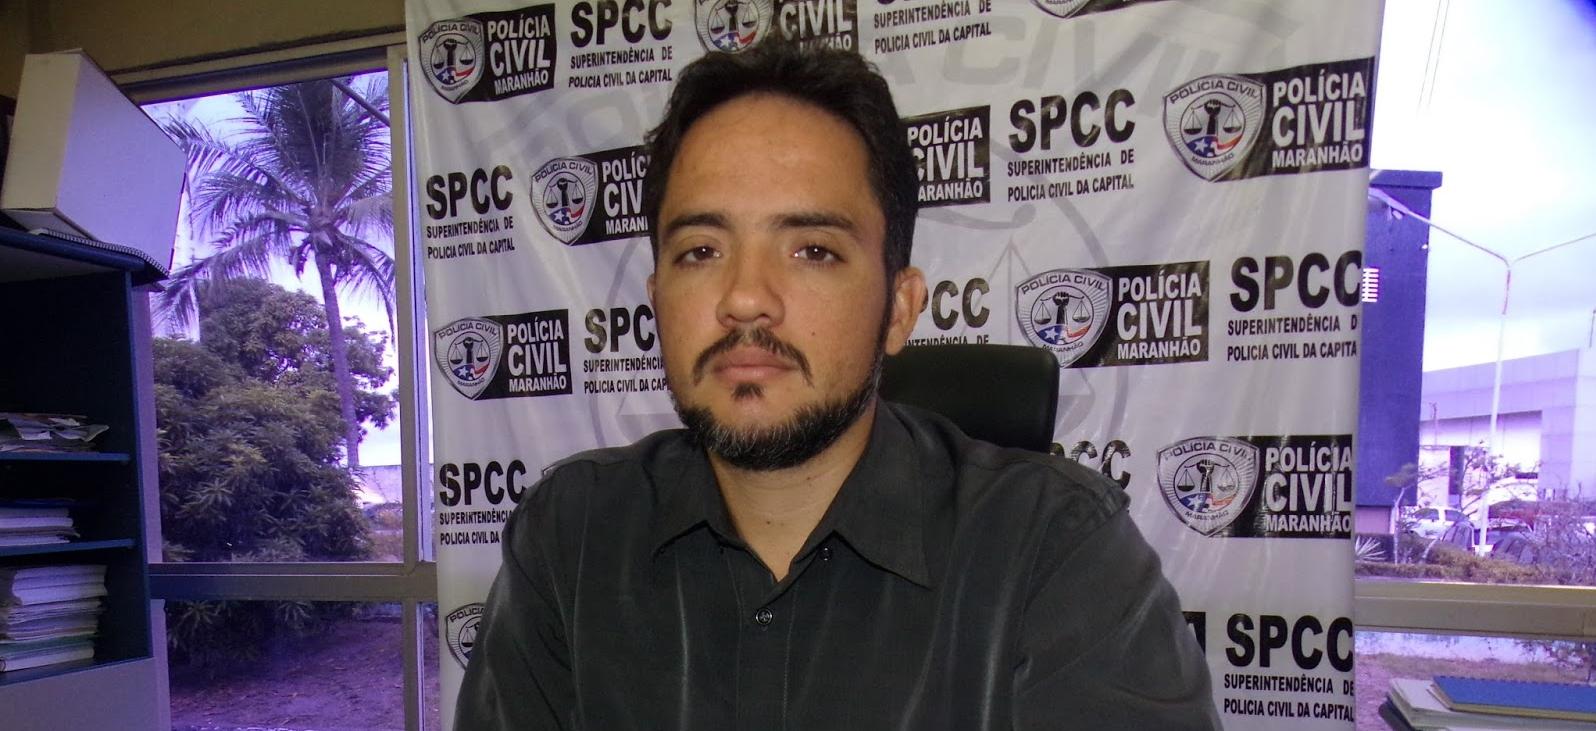 Ações da Polícia Civil do Maranhão através da SPCC, diminui o índice de roubo a residências em São Luís-MA